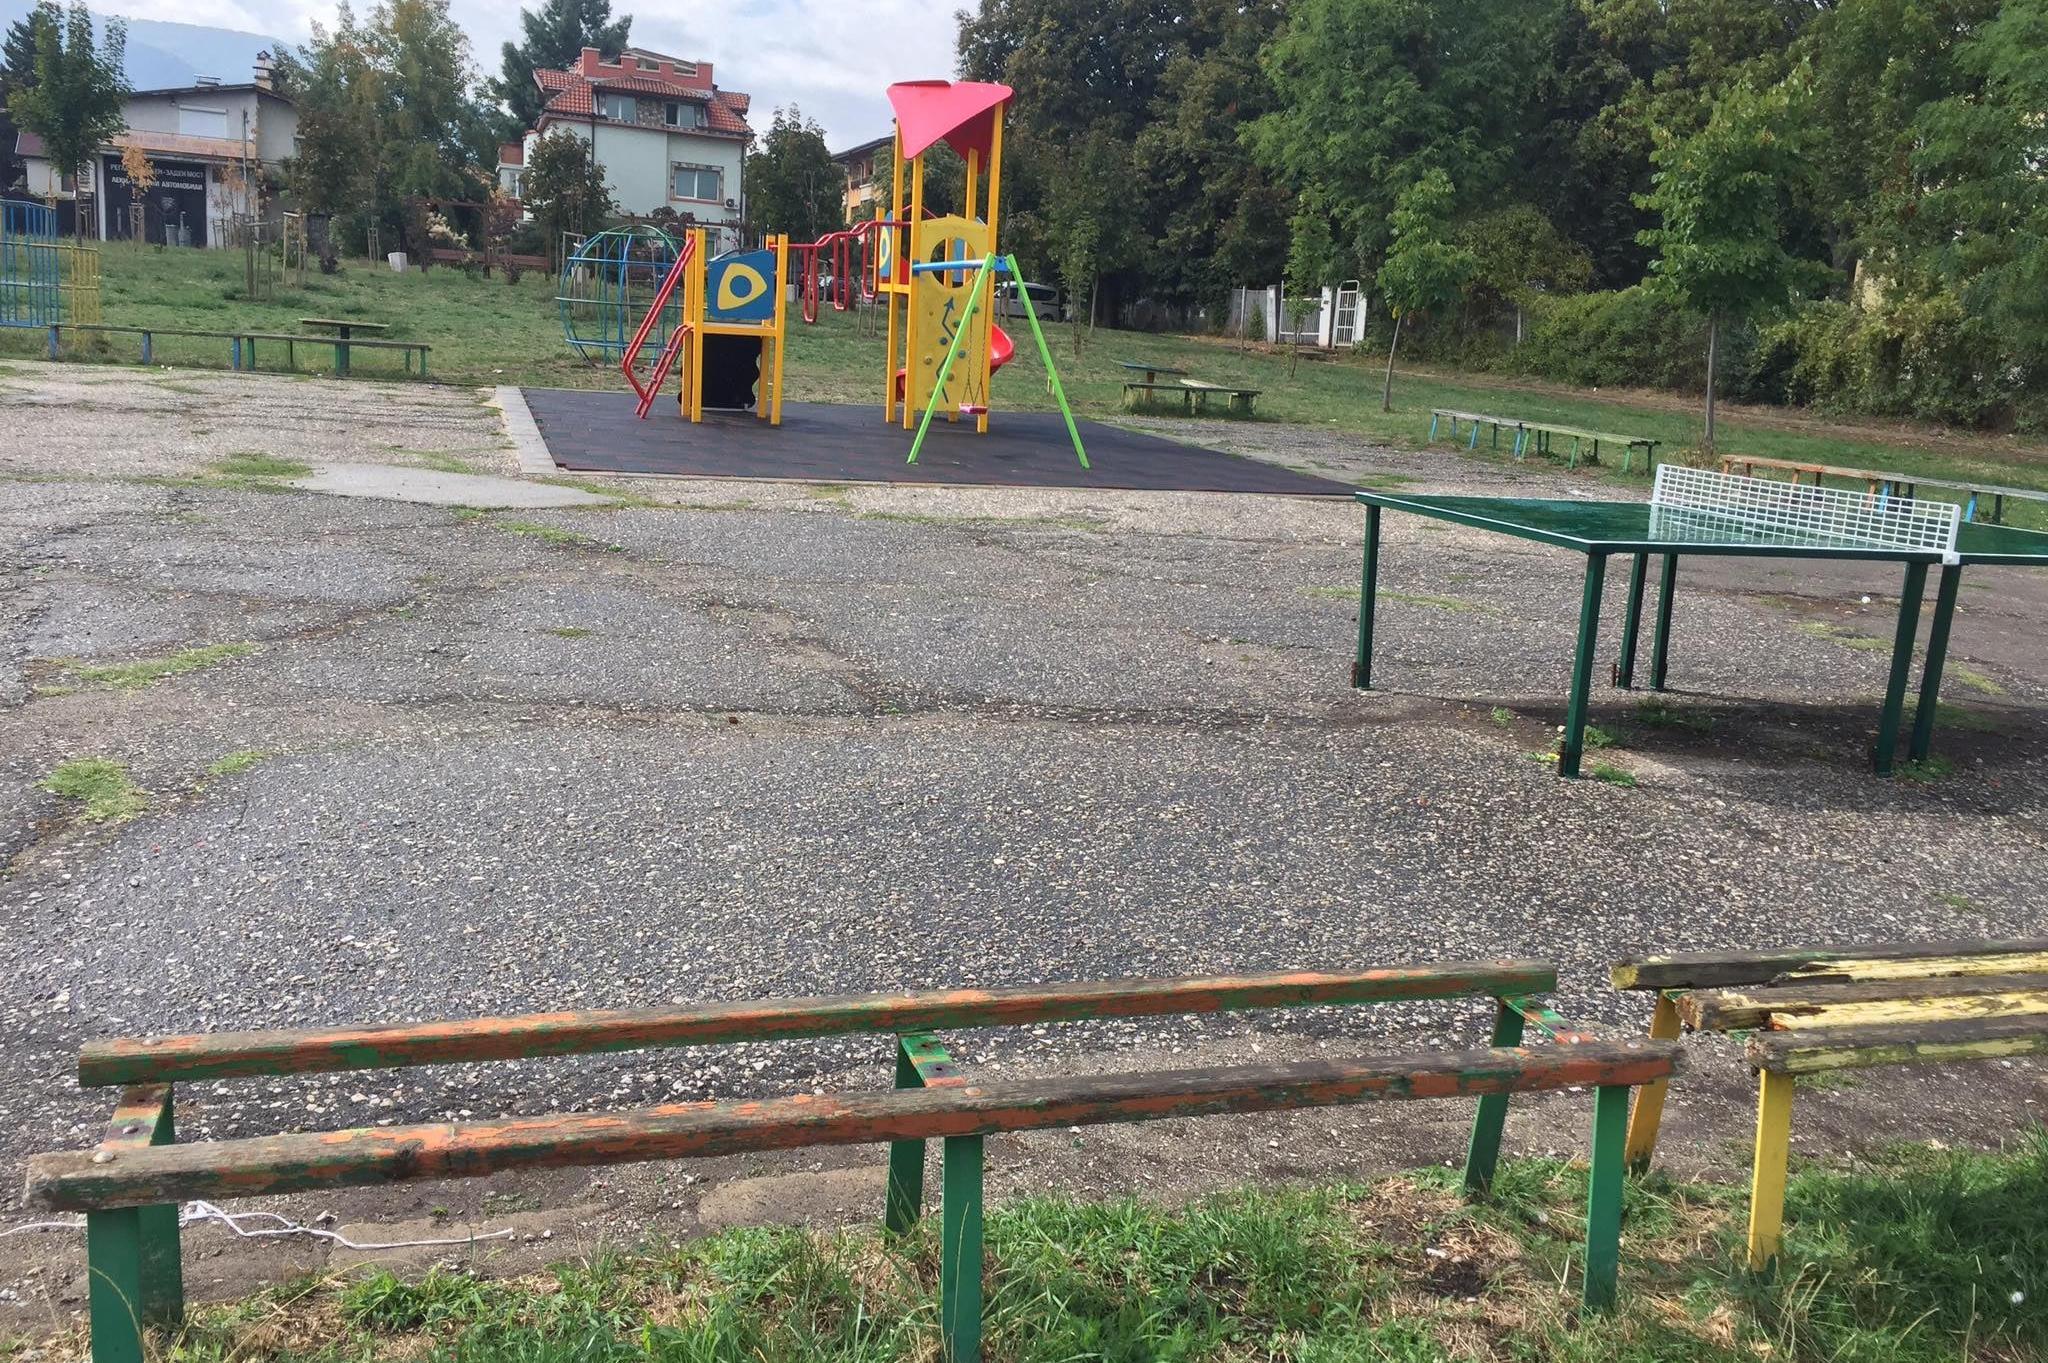 Заради липса на ограда в Княжево: Момиченце е със счупено краче на детска п